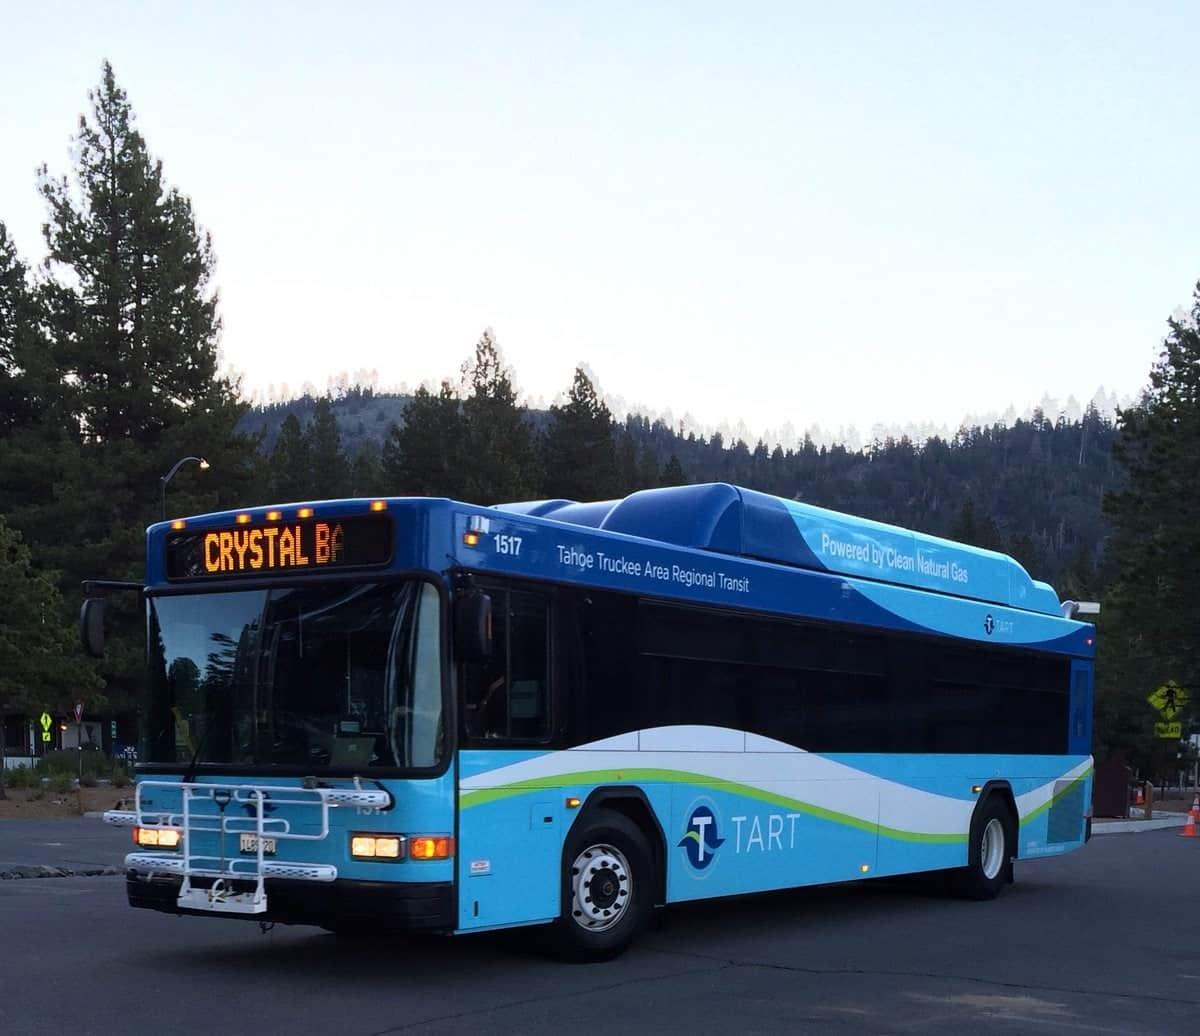 transport 1 aba21287 jpg?fit=1200,1036&ssl=1.